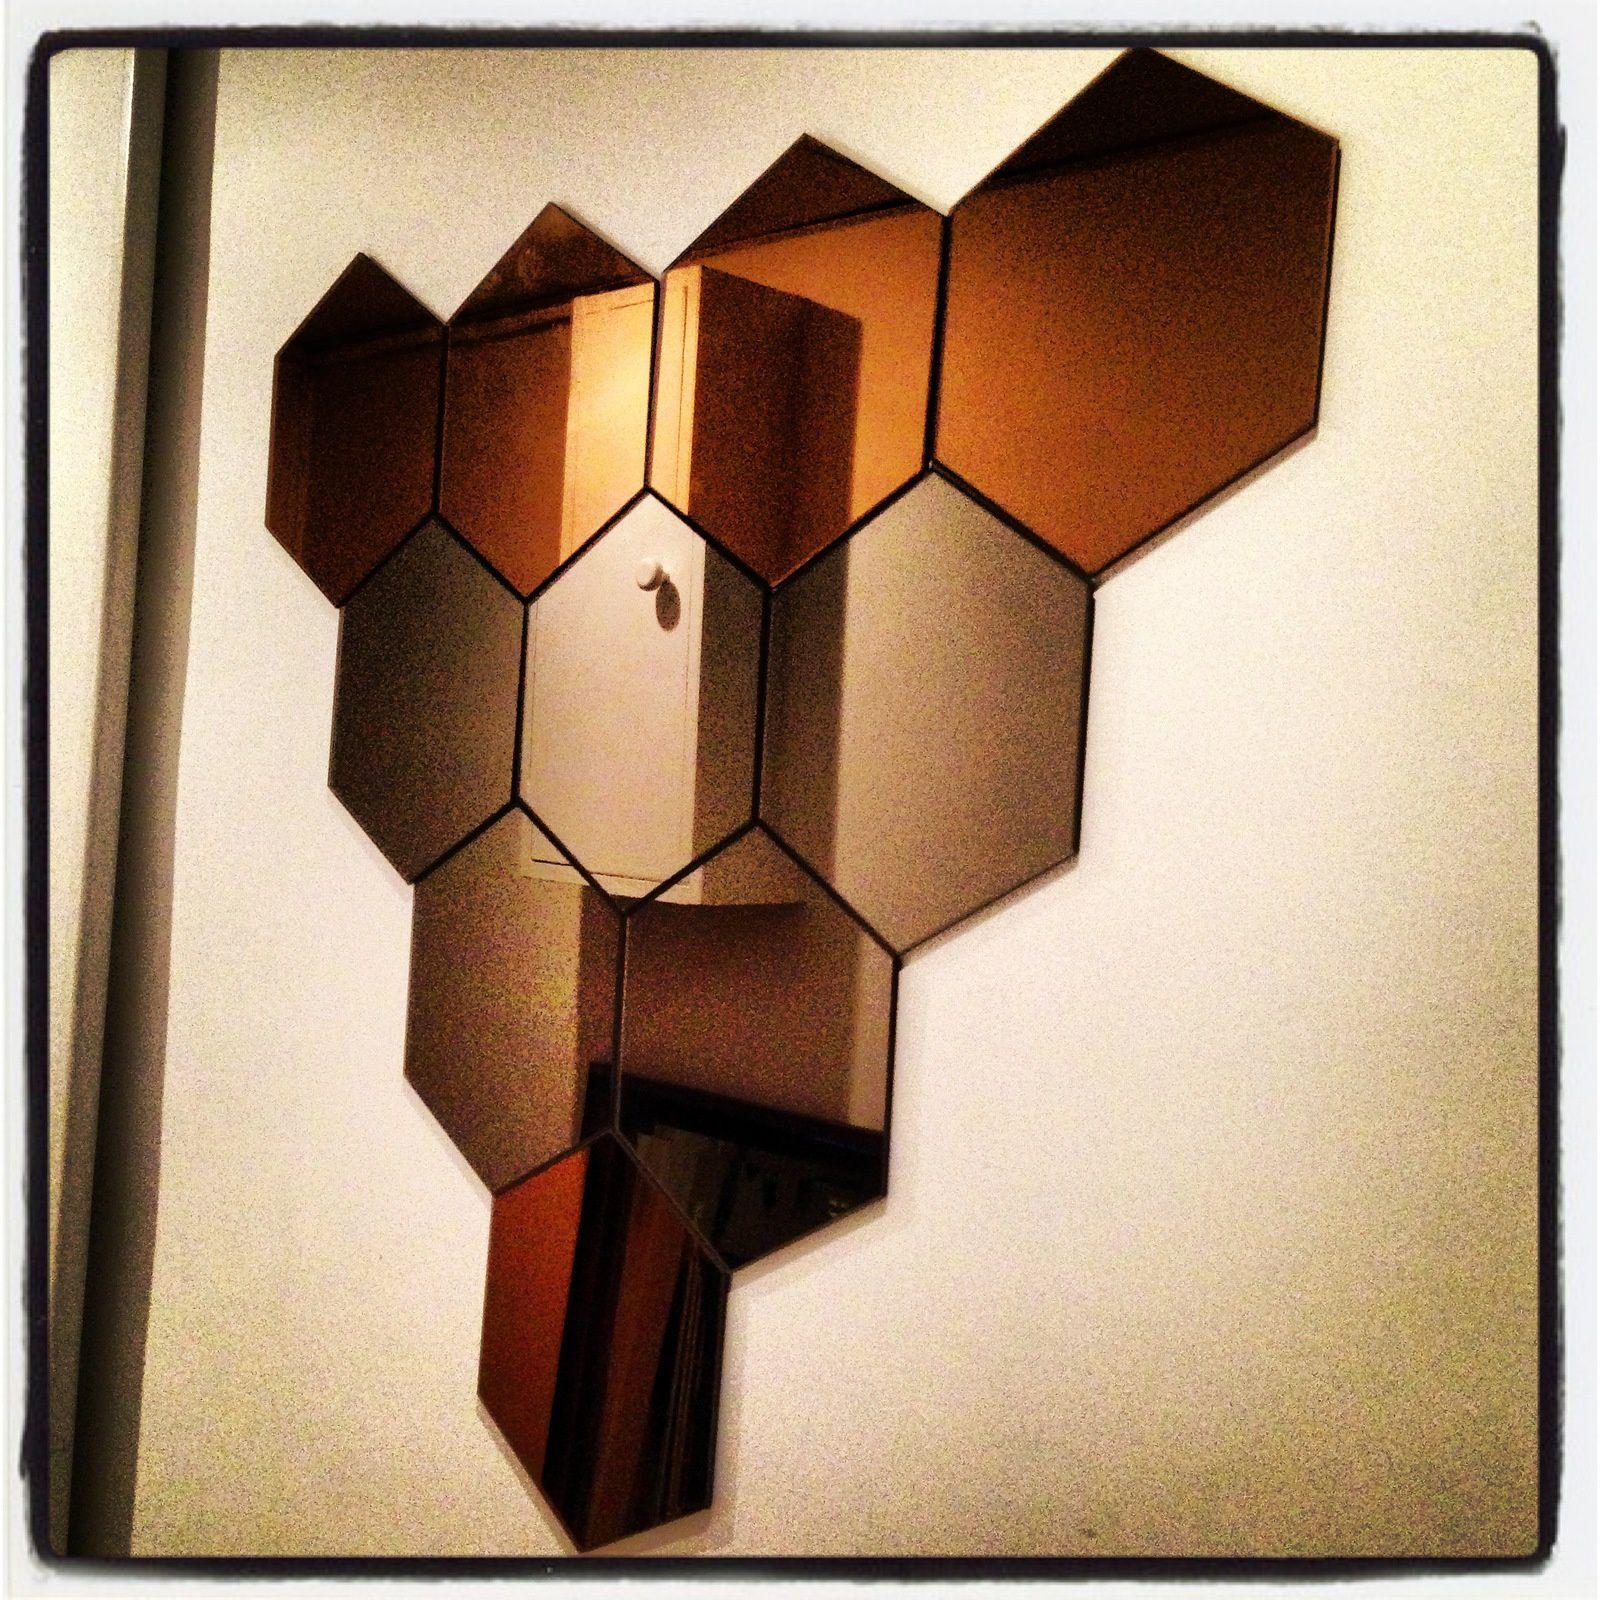 miroirs ikea miroirs ikea with miroirs ikea amazing. Black Bedroom Furniture Sets. Home Design Ideas